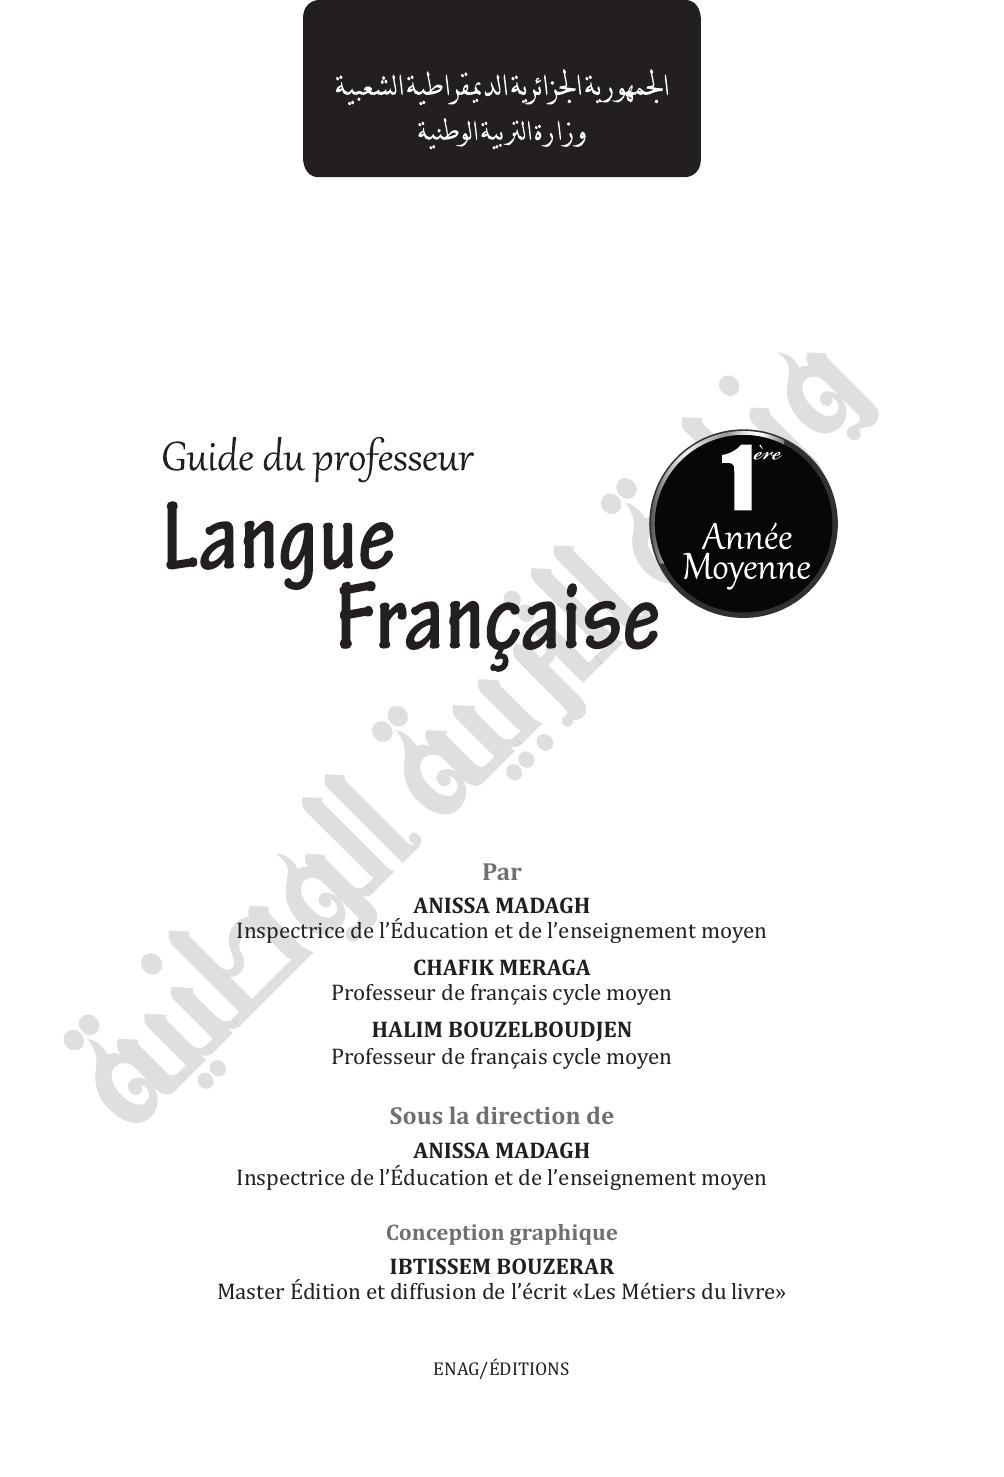 دليل المعلم لغة فرنسية